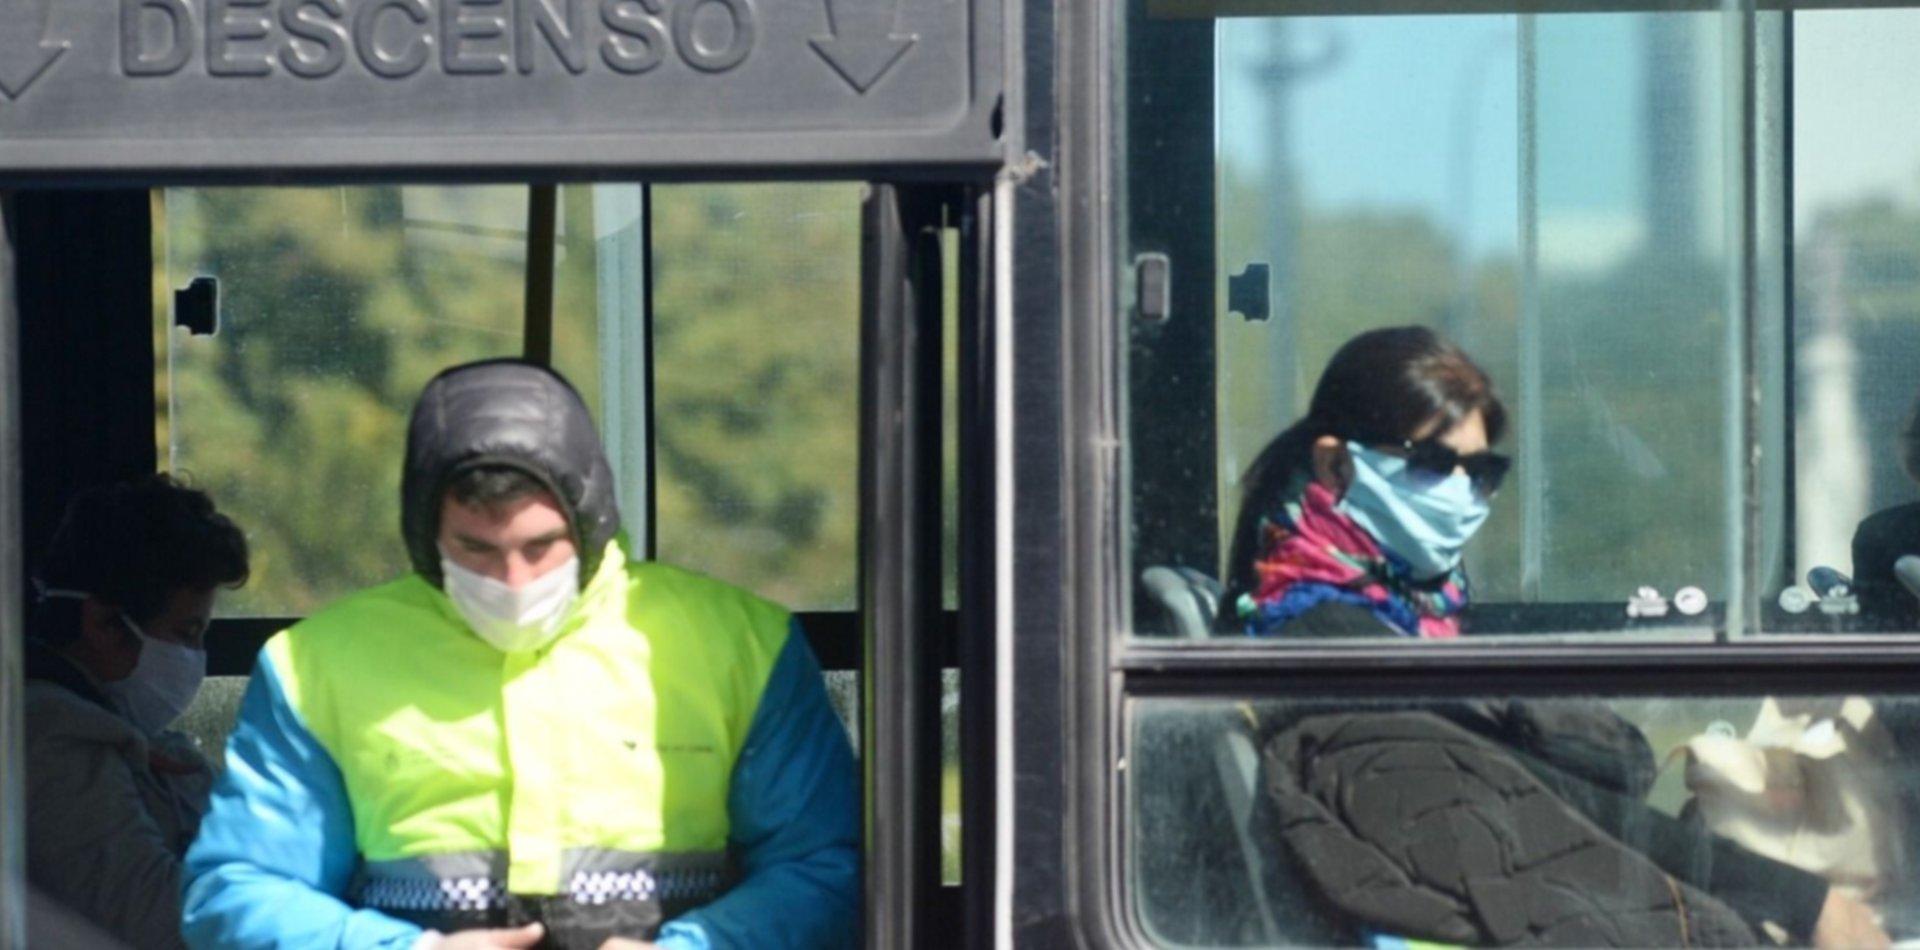 Aseguran que el transporte y los lugares cerrados son los principales focos de contagio